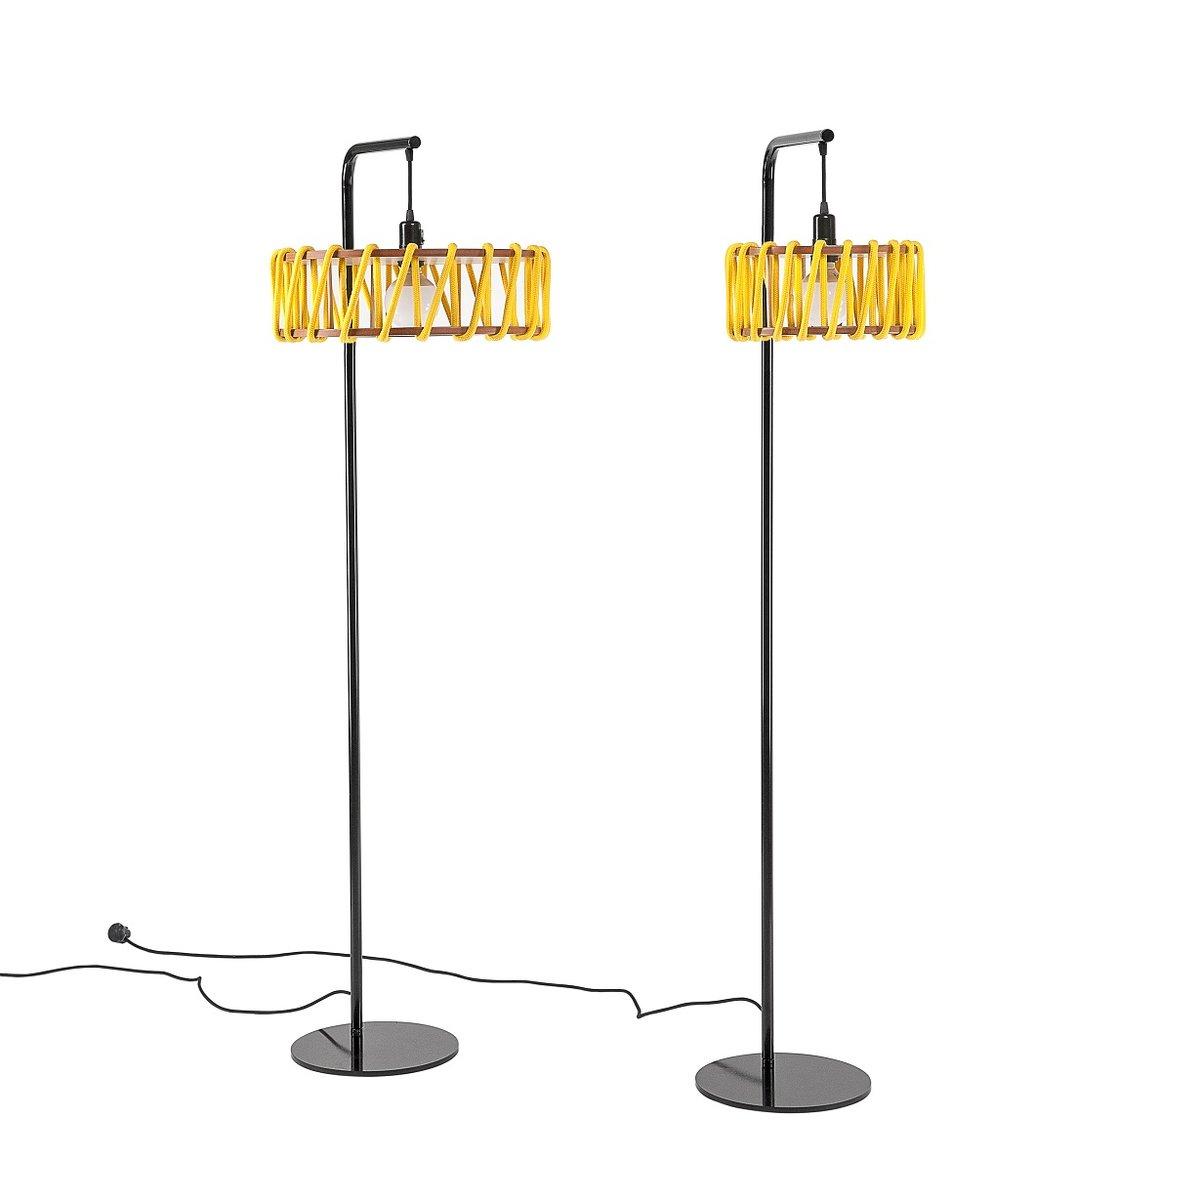 schwarze macaron stehlampe mit gro em gelben schirm von silvia ce al f r emko bei pamono kaufen. Black Bedroom Furniture Sets. Home Design Ideas